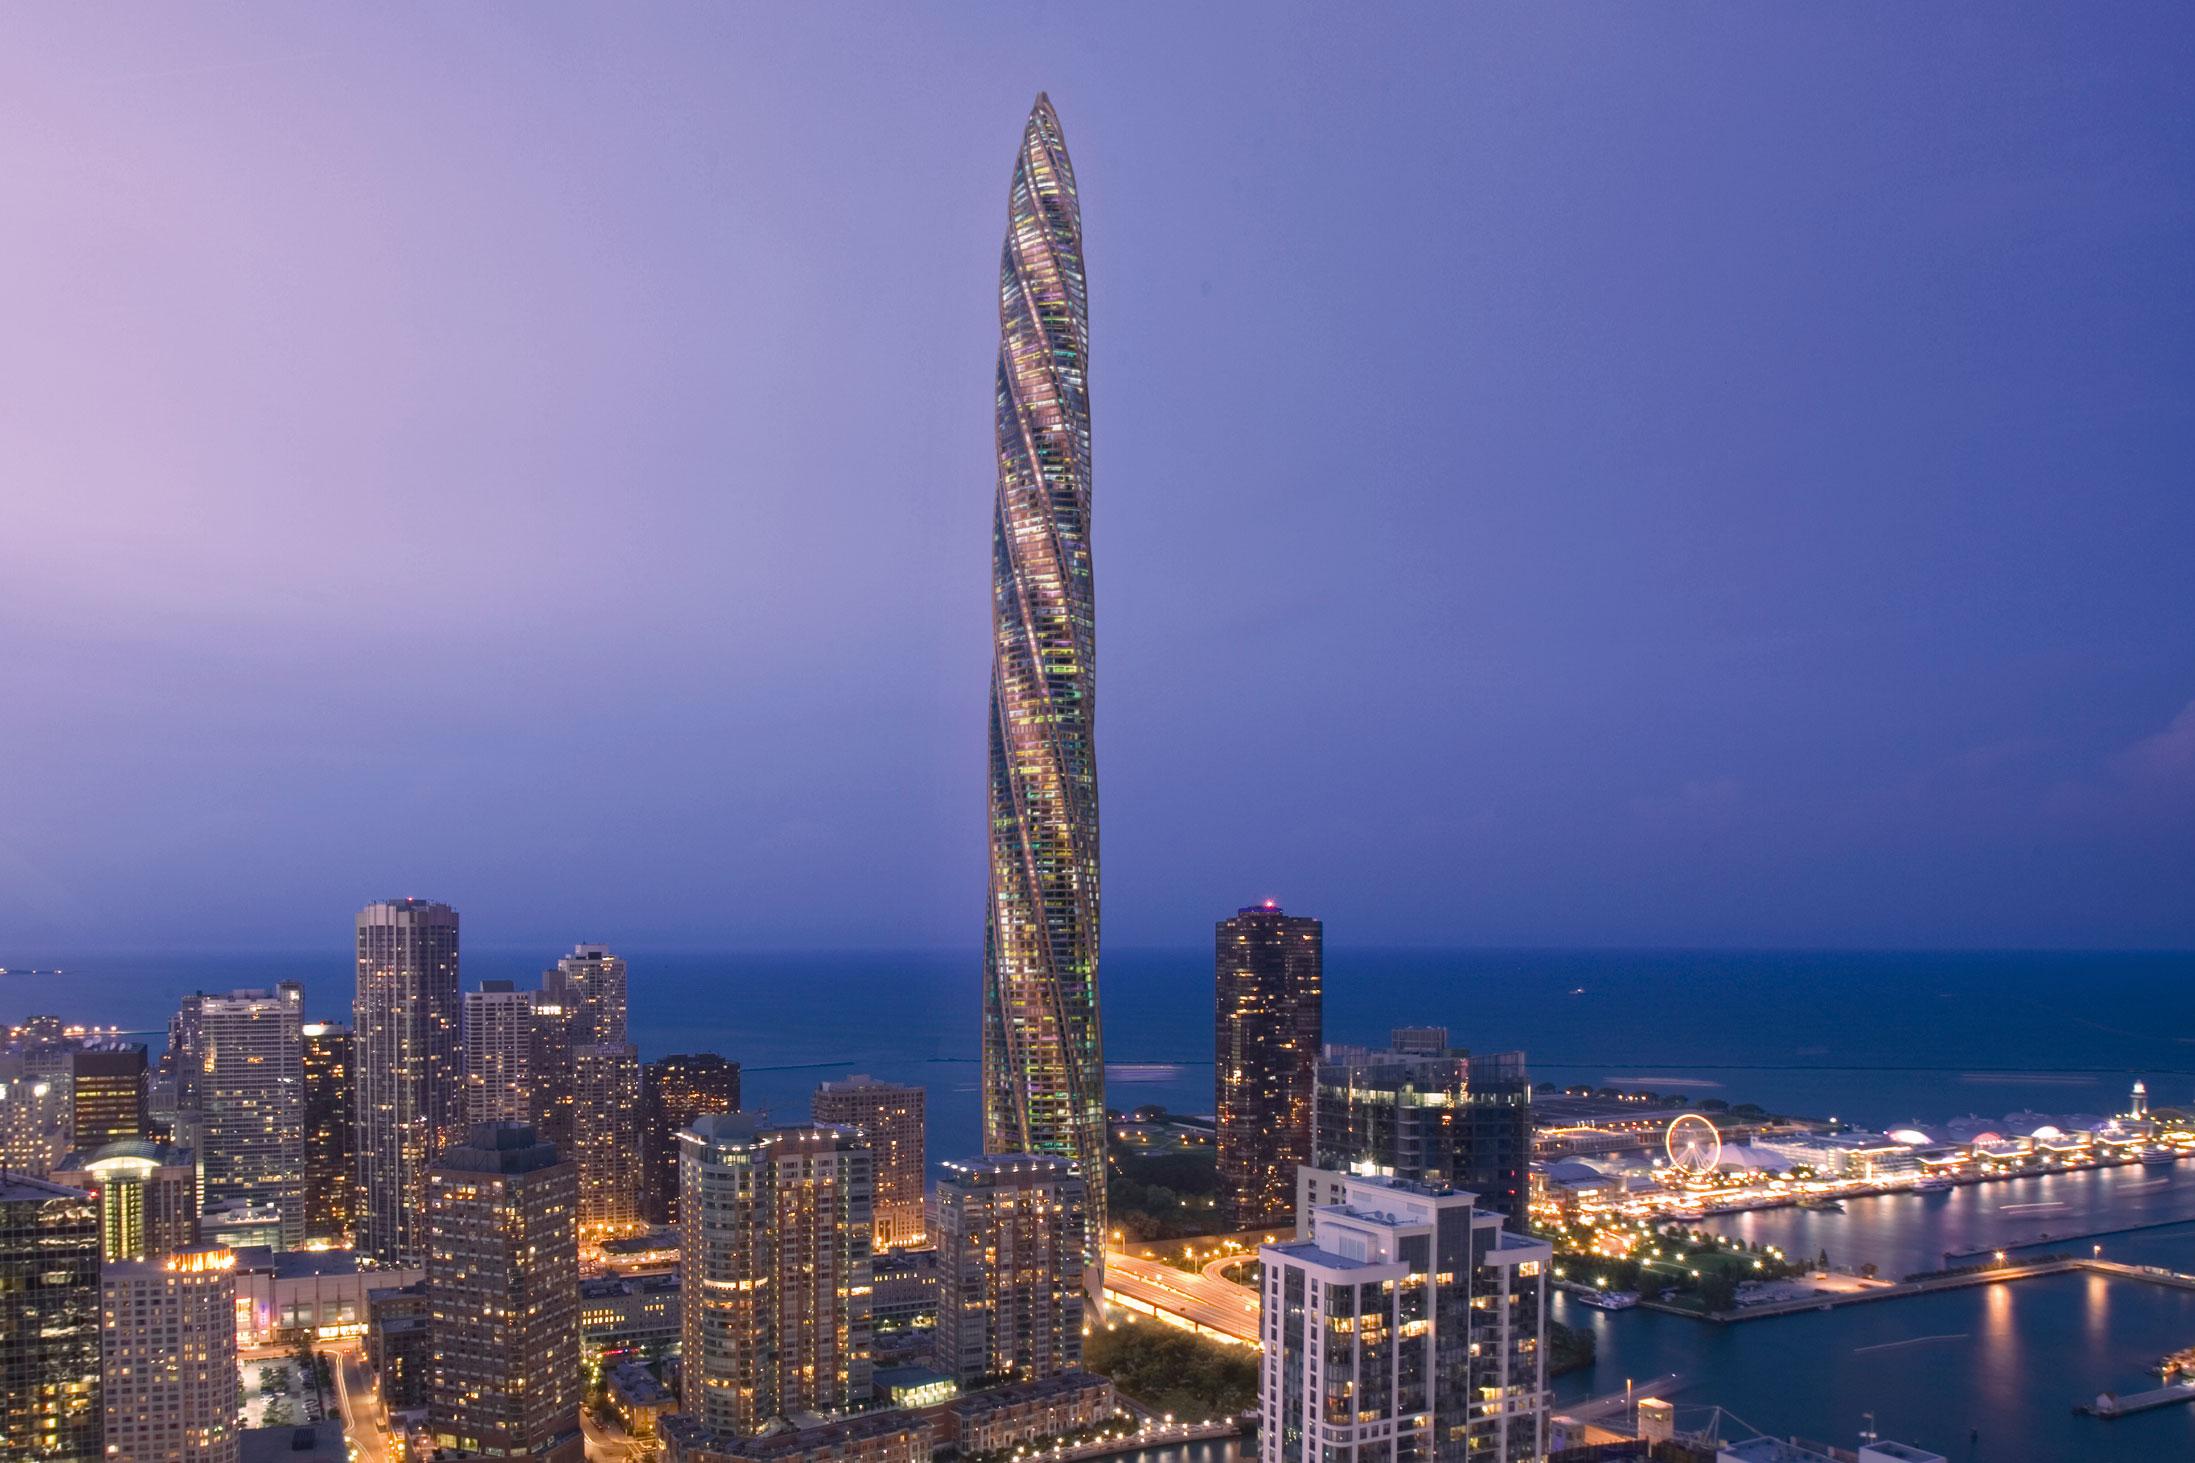 El Chicago Spire, la torre diseñada por Calatrava